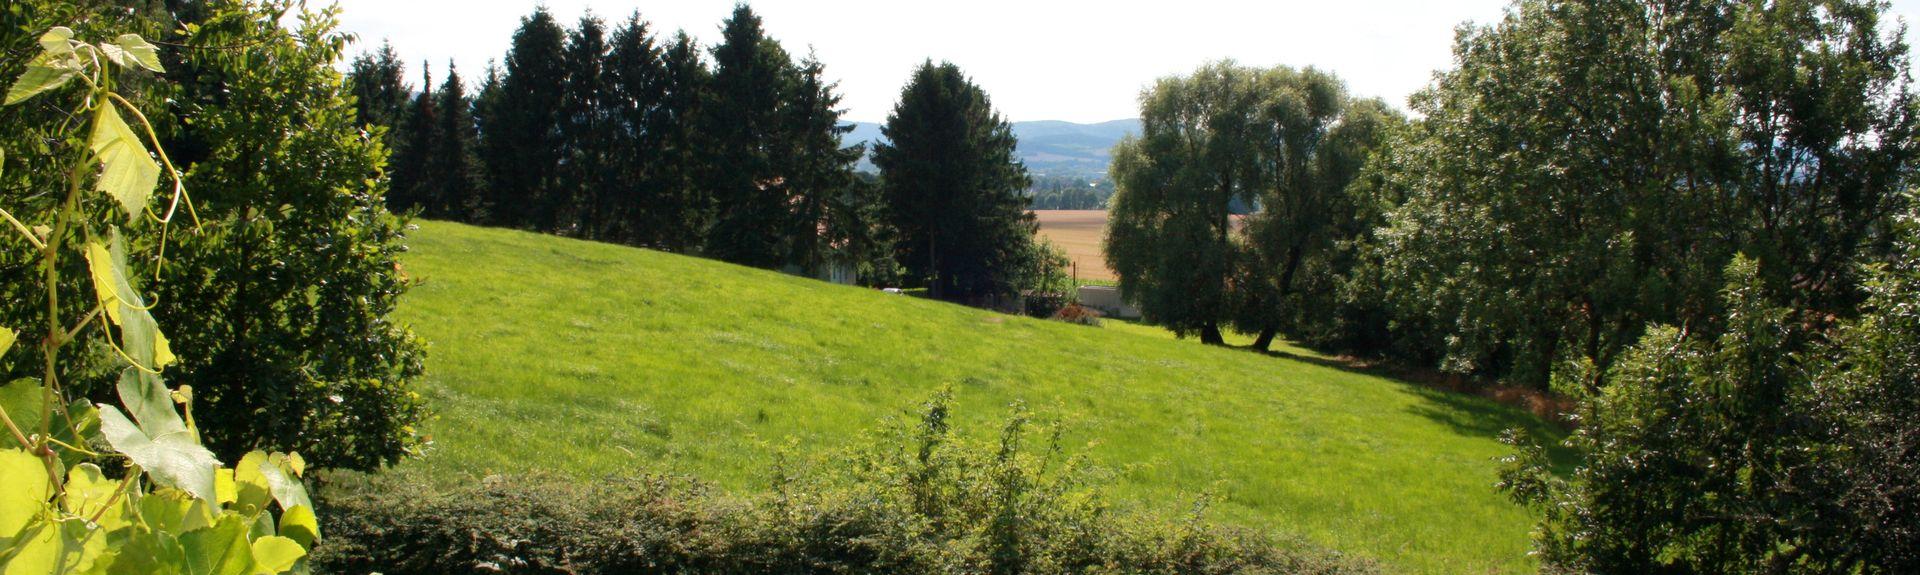 Hufeland Therme, Bad Pyrmont, Niedersachsen, Deutschland